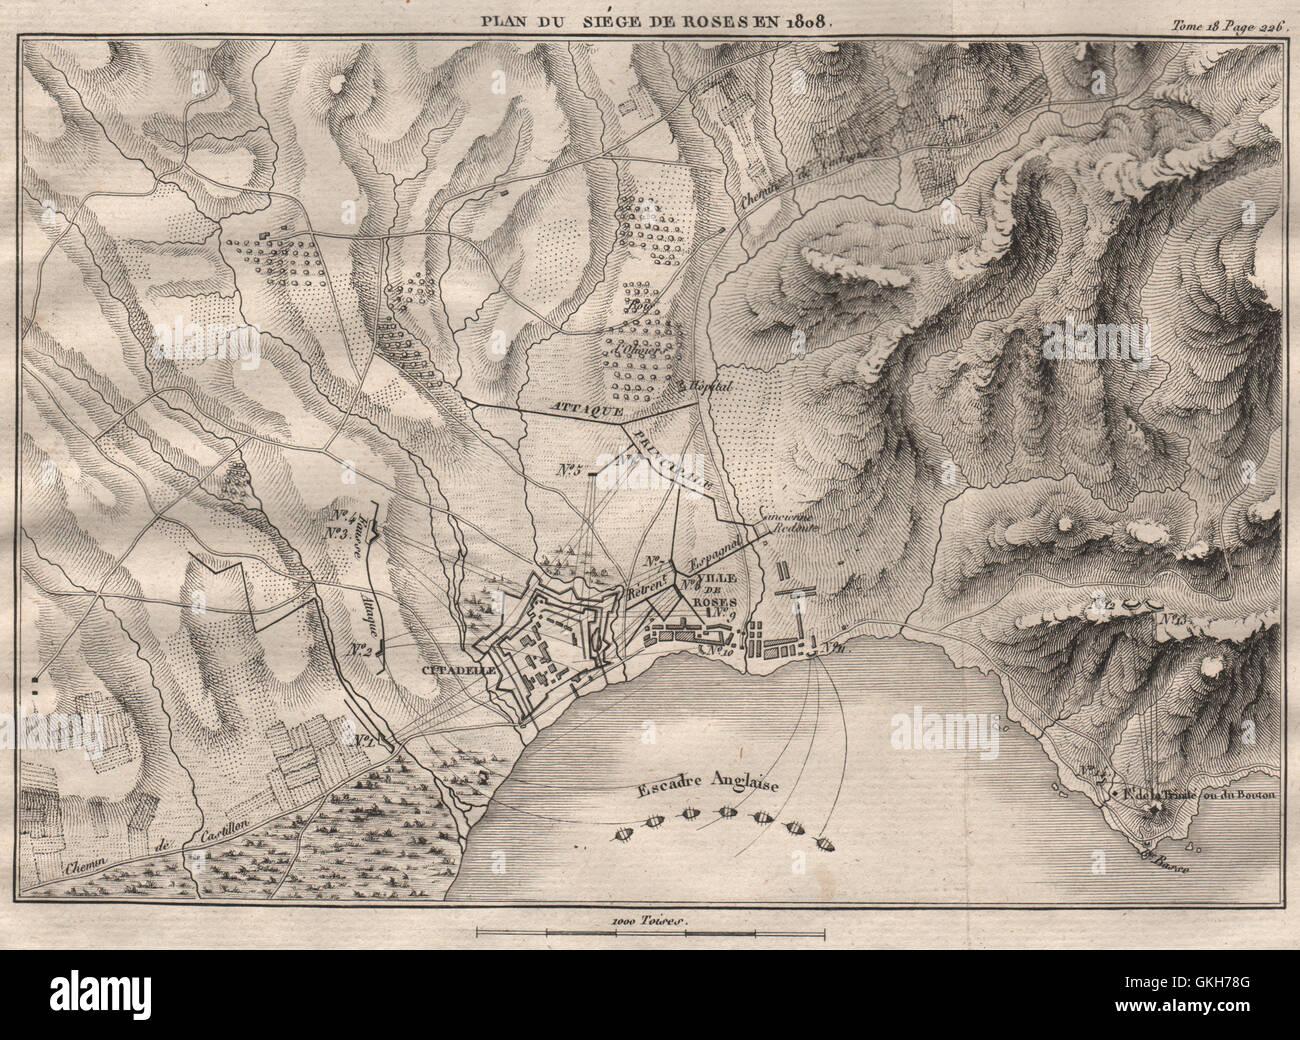 Siege De Roses Rosas 1808 Girona Guerre Peninsulaire L Espagne